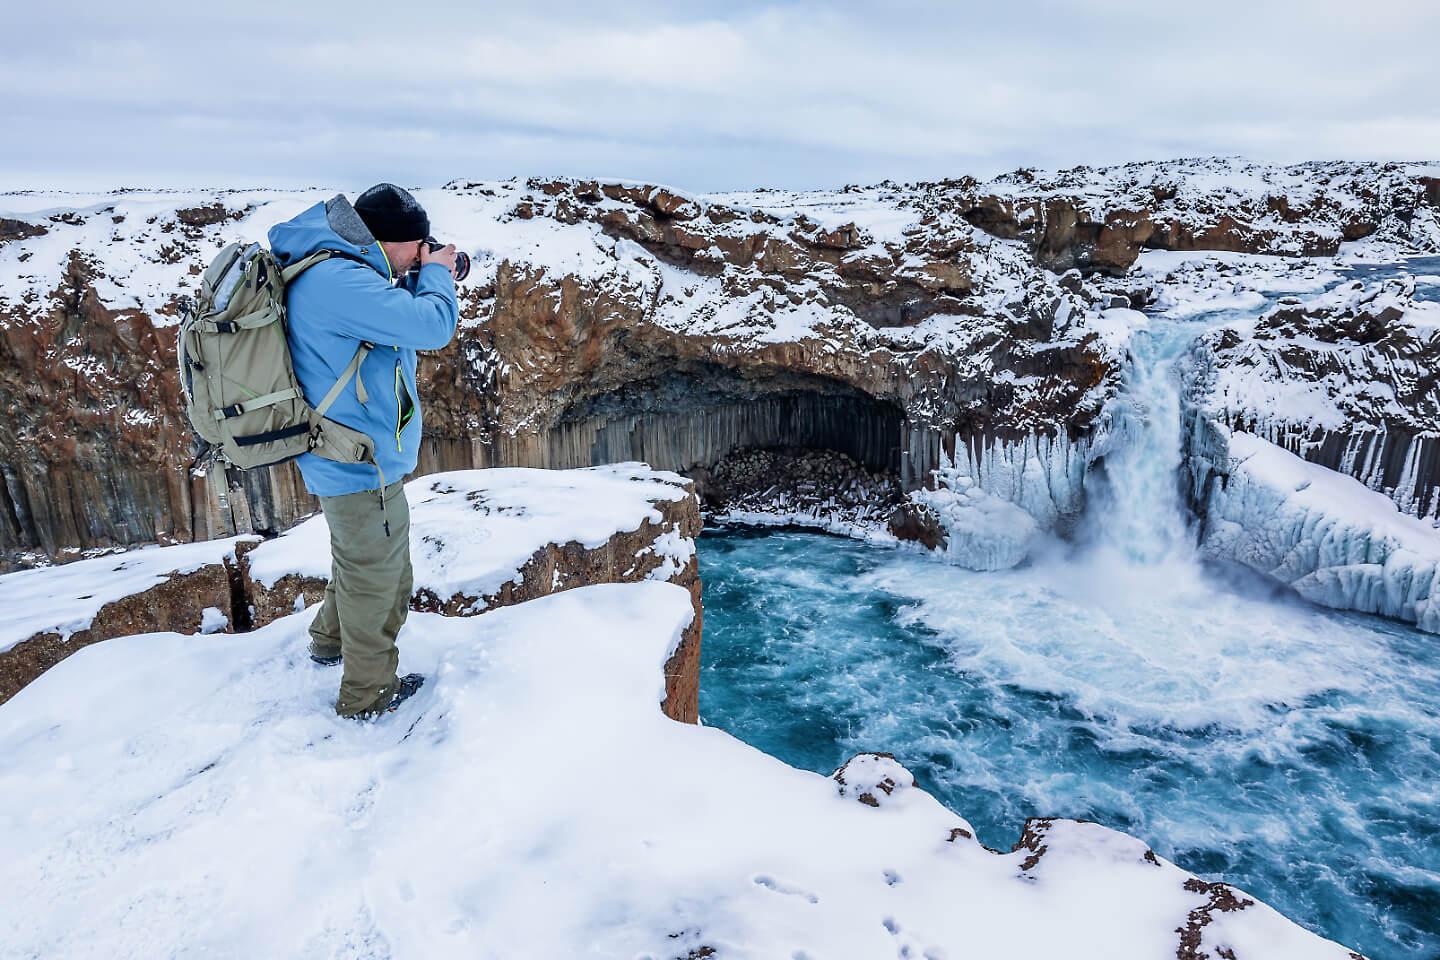 Fotograf Florian Läufer bei einer freien Arbeit im winterlichen Island an dem Wasserfall Aldeyarfoss